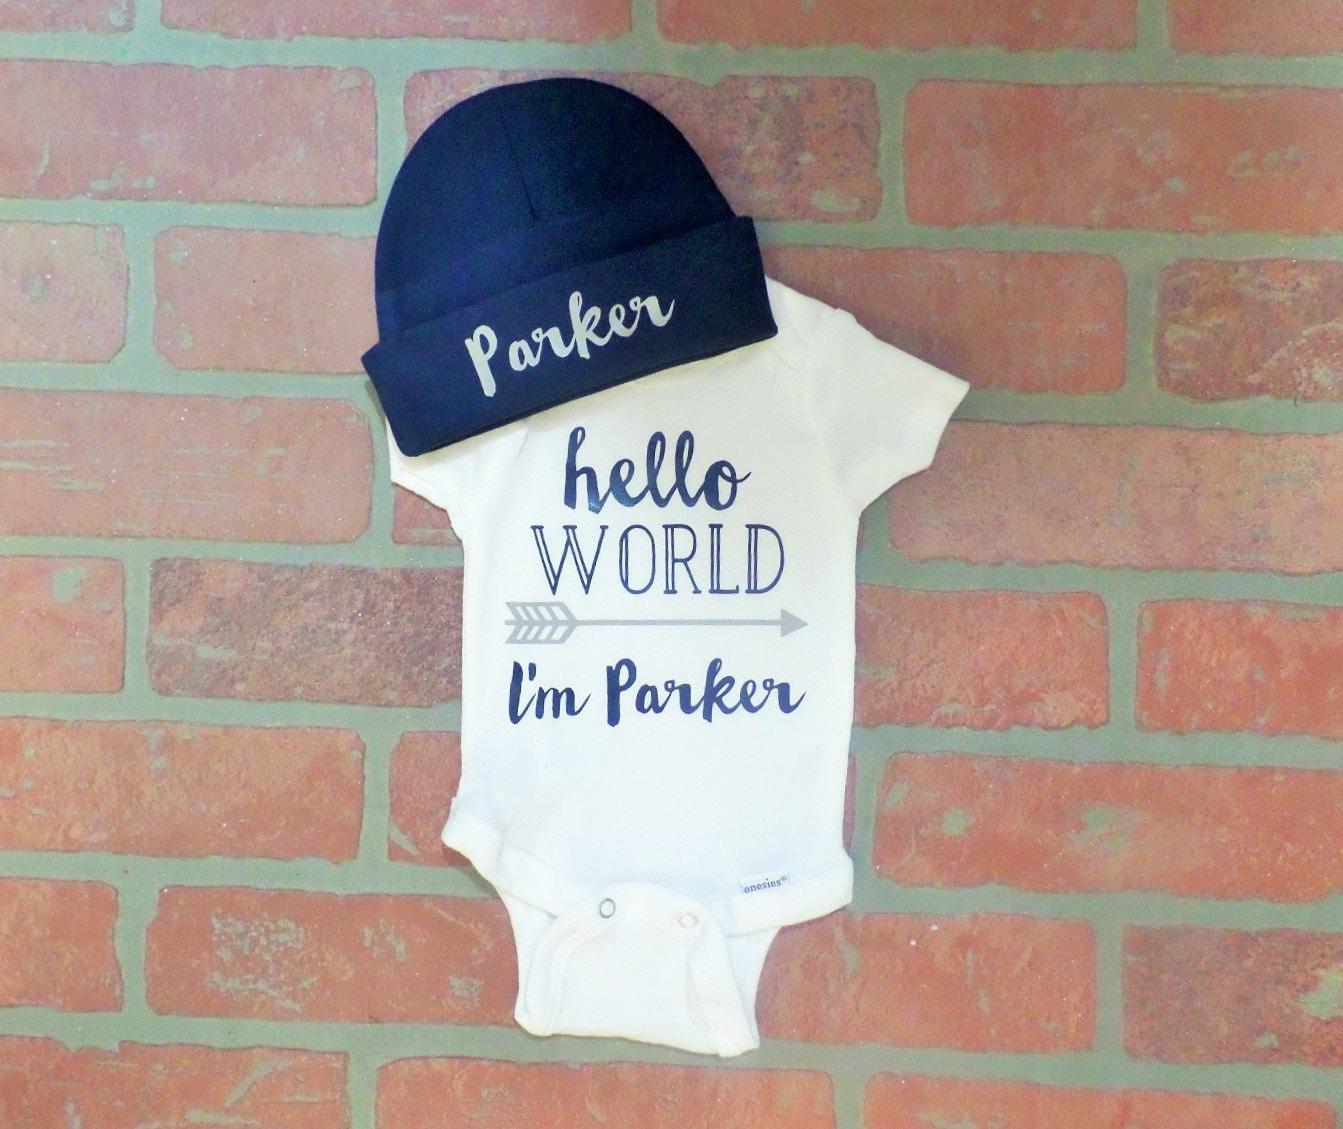 Hello World: Personalized Boy's Hello World Onesie With Navy Beanie Hat